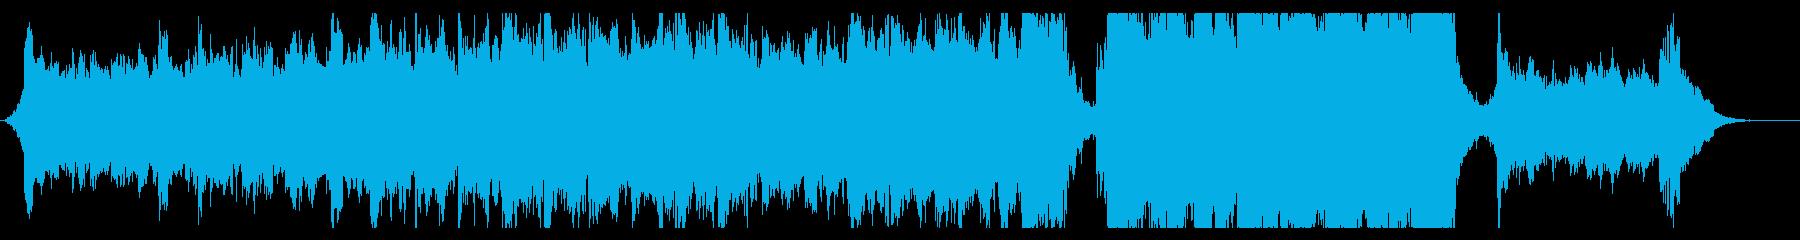 ハリウッド映画風の壮大なオーケストラ7Aの再生済みの波形